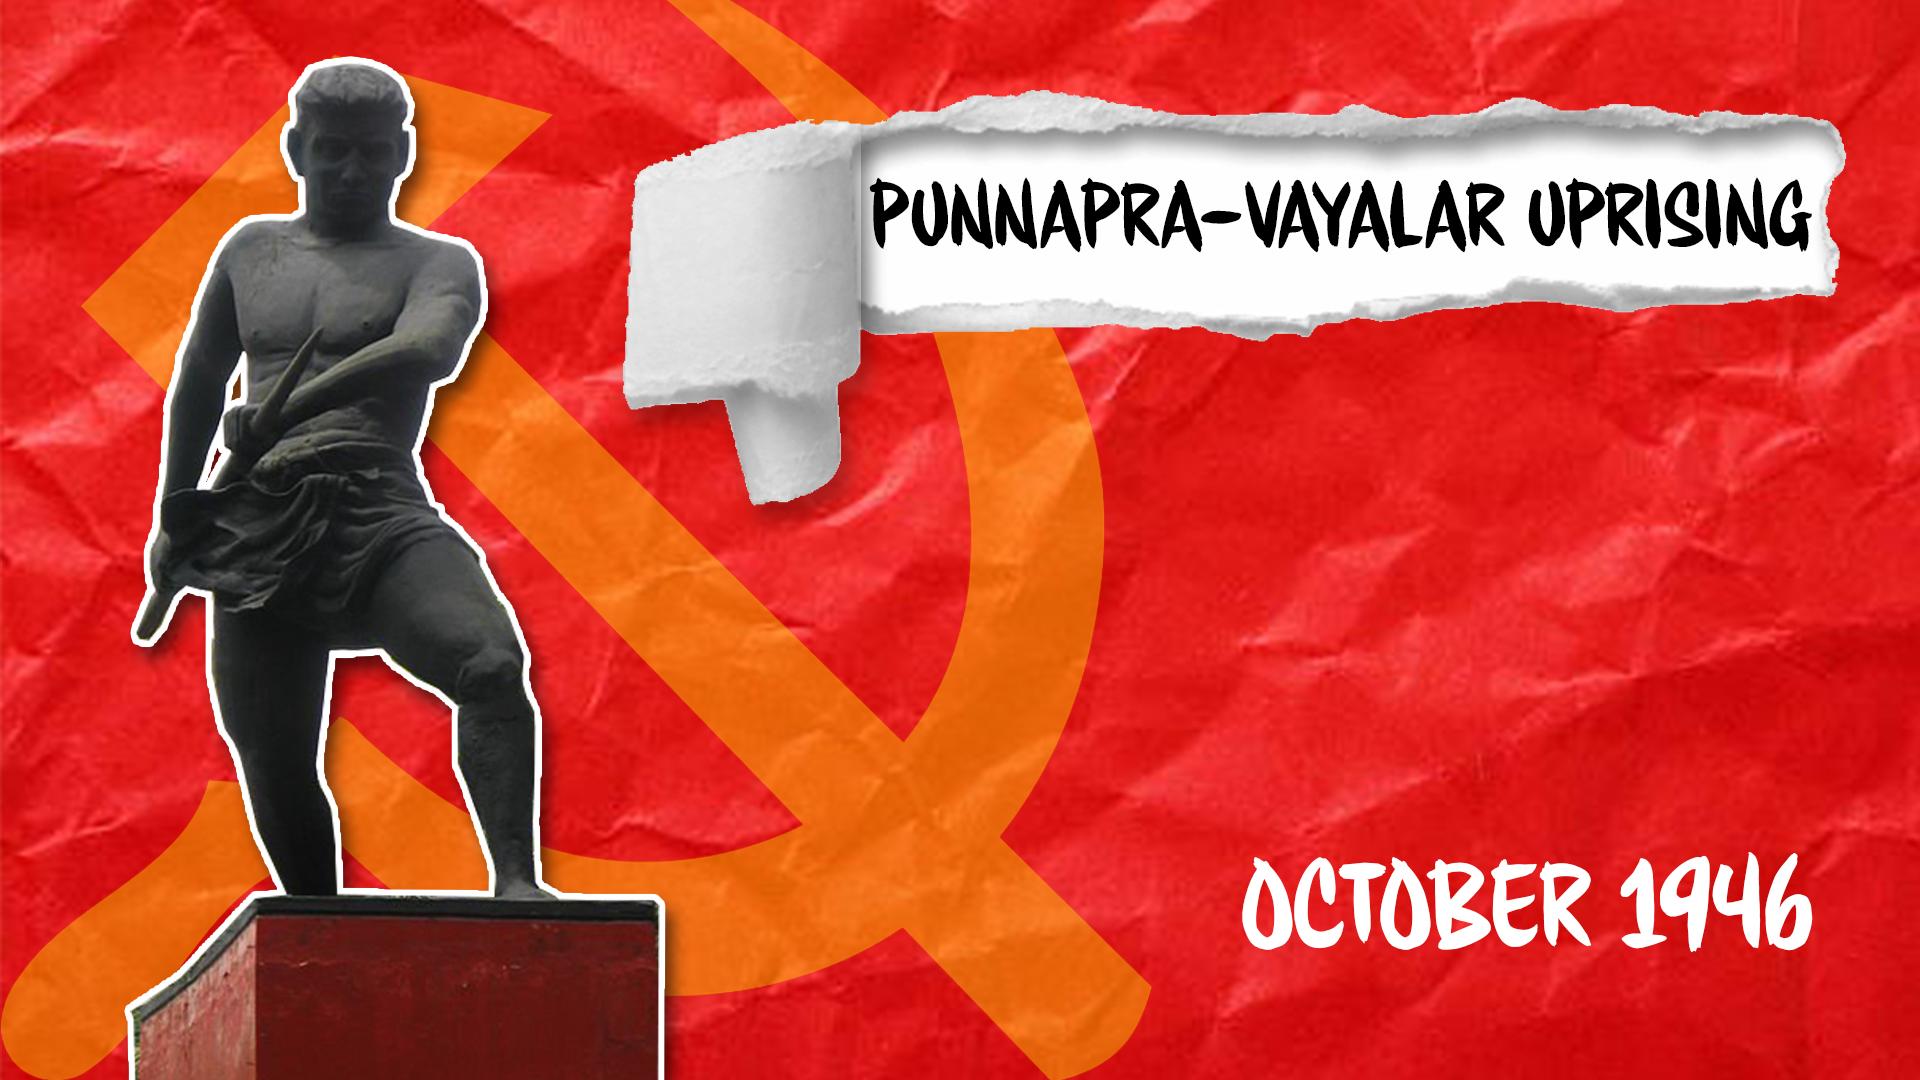 Punnapra-Vayalar Uprising Kerala India